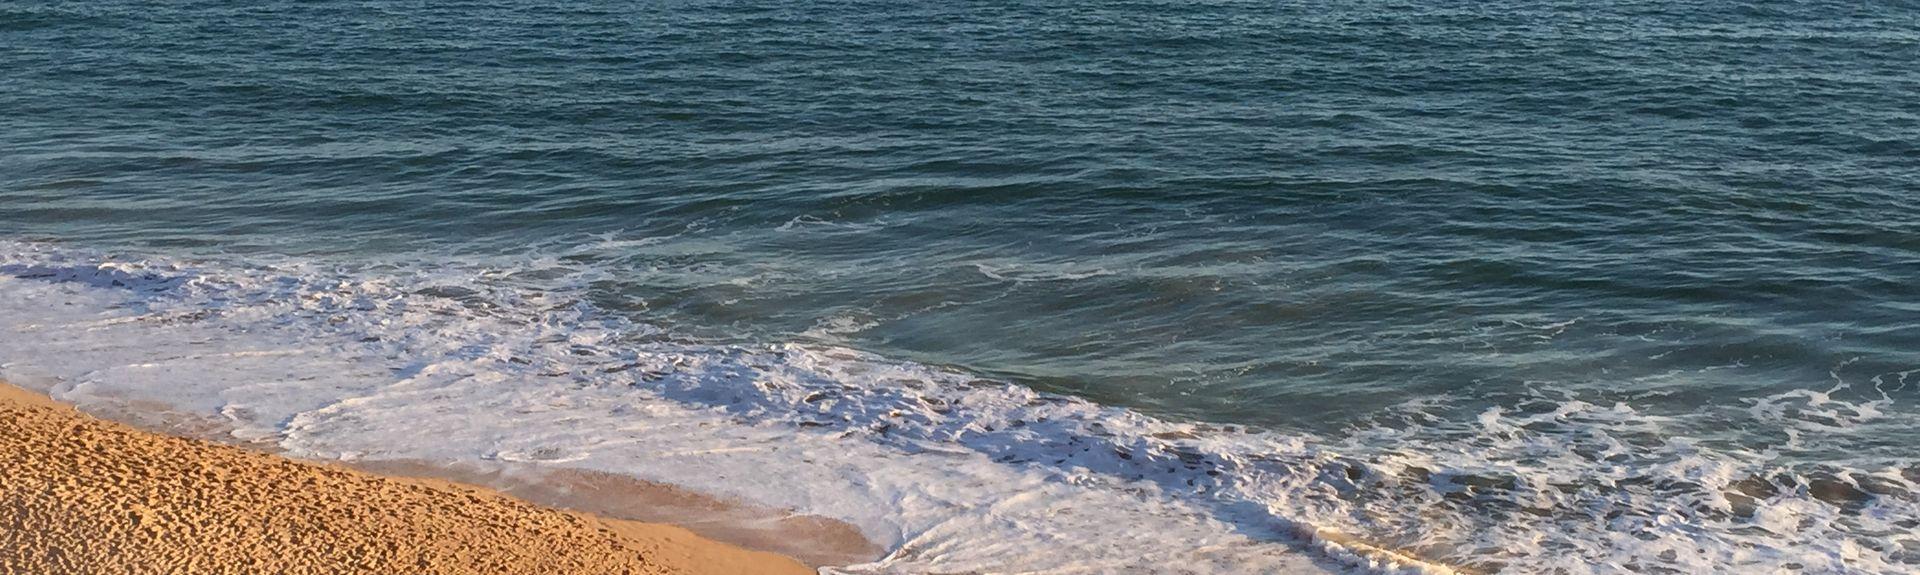 Aldeia das Açoteias, Olhos de Água, Algarve, Portugal